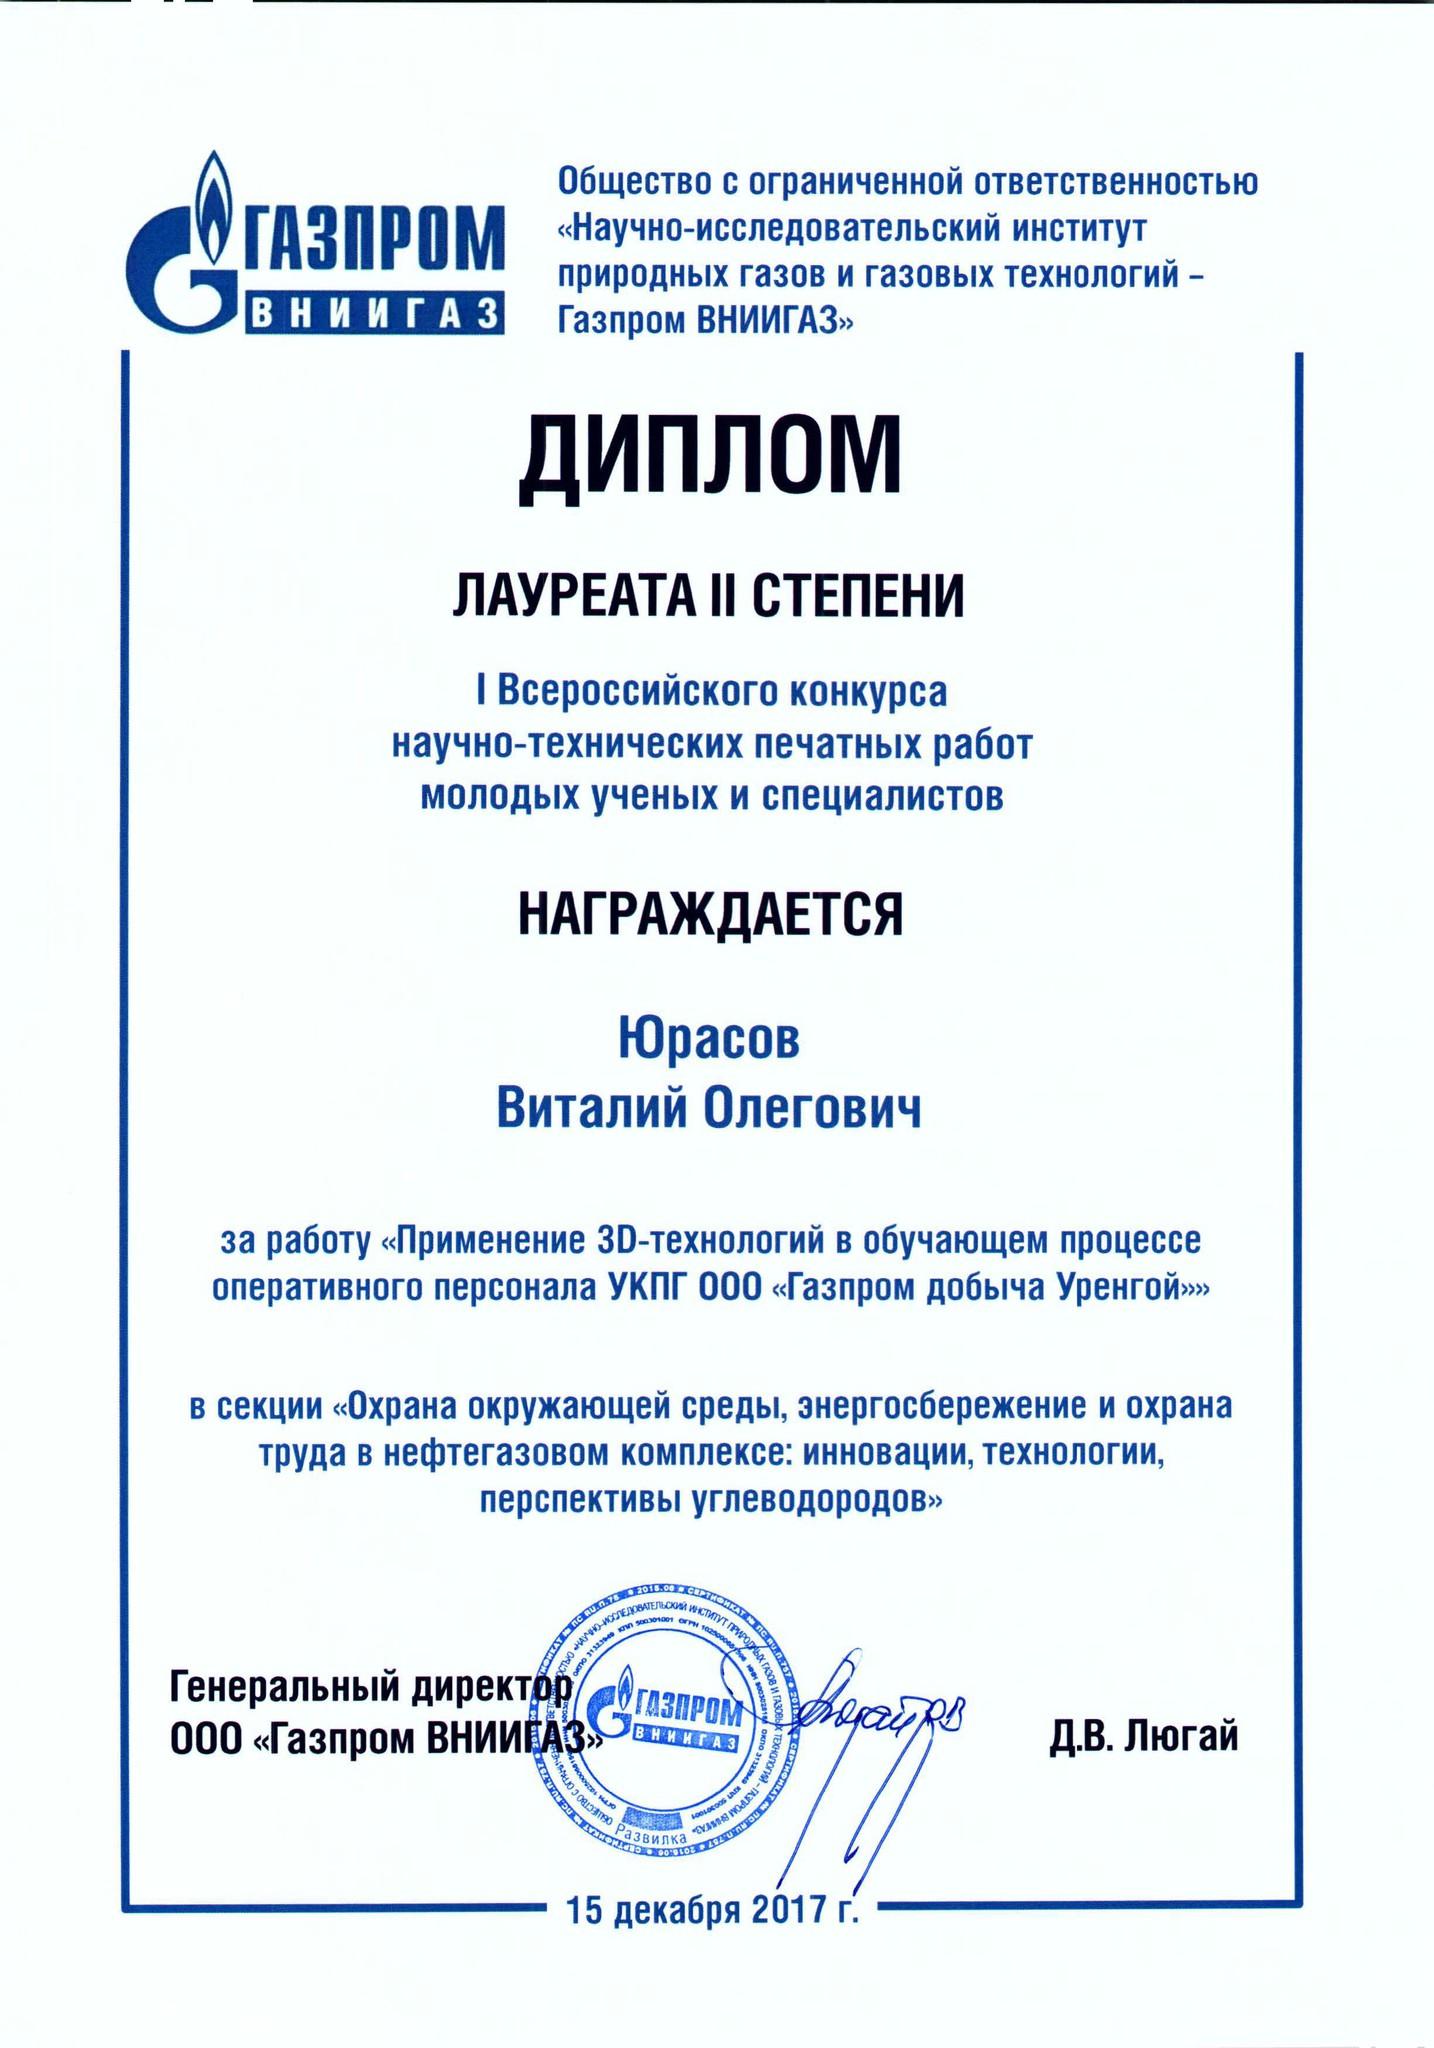 ООО Газпром добыча Уренгой  Проекты молодых специалистов ООО Газпром добыча Уренгой в числе лучших